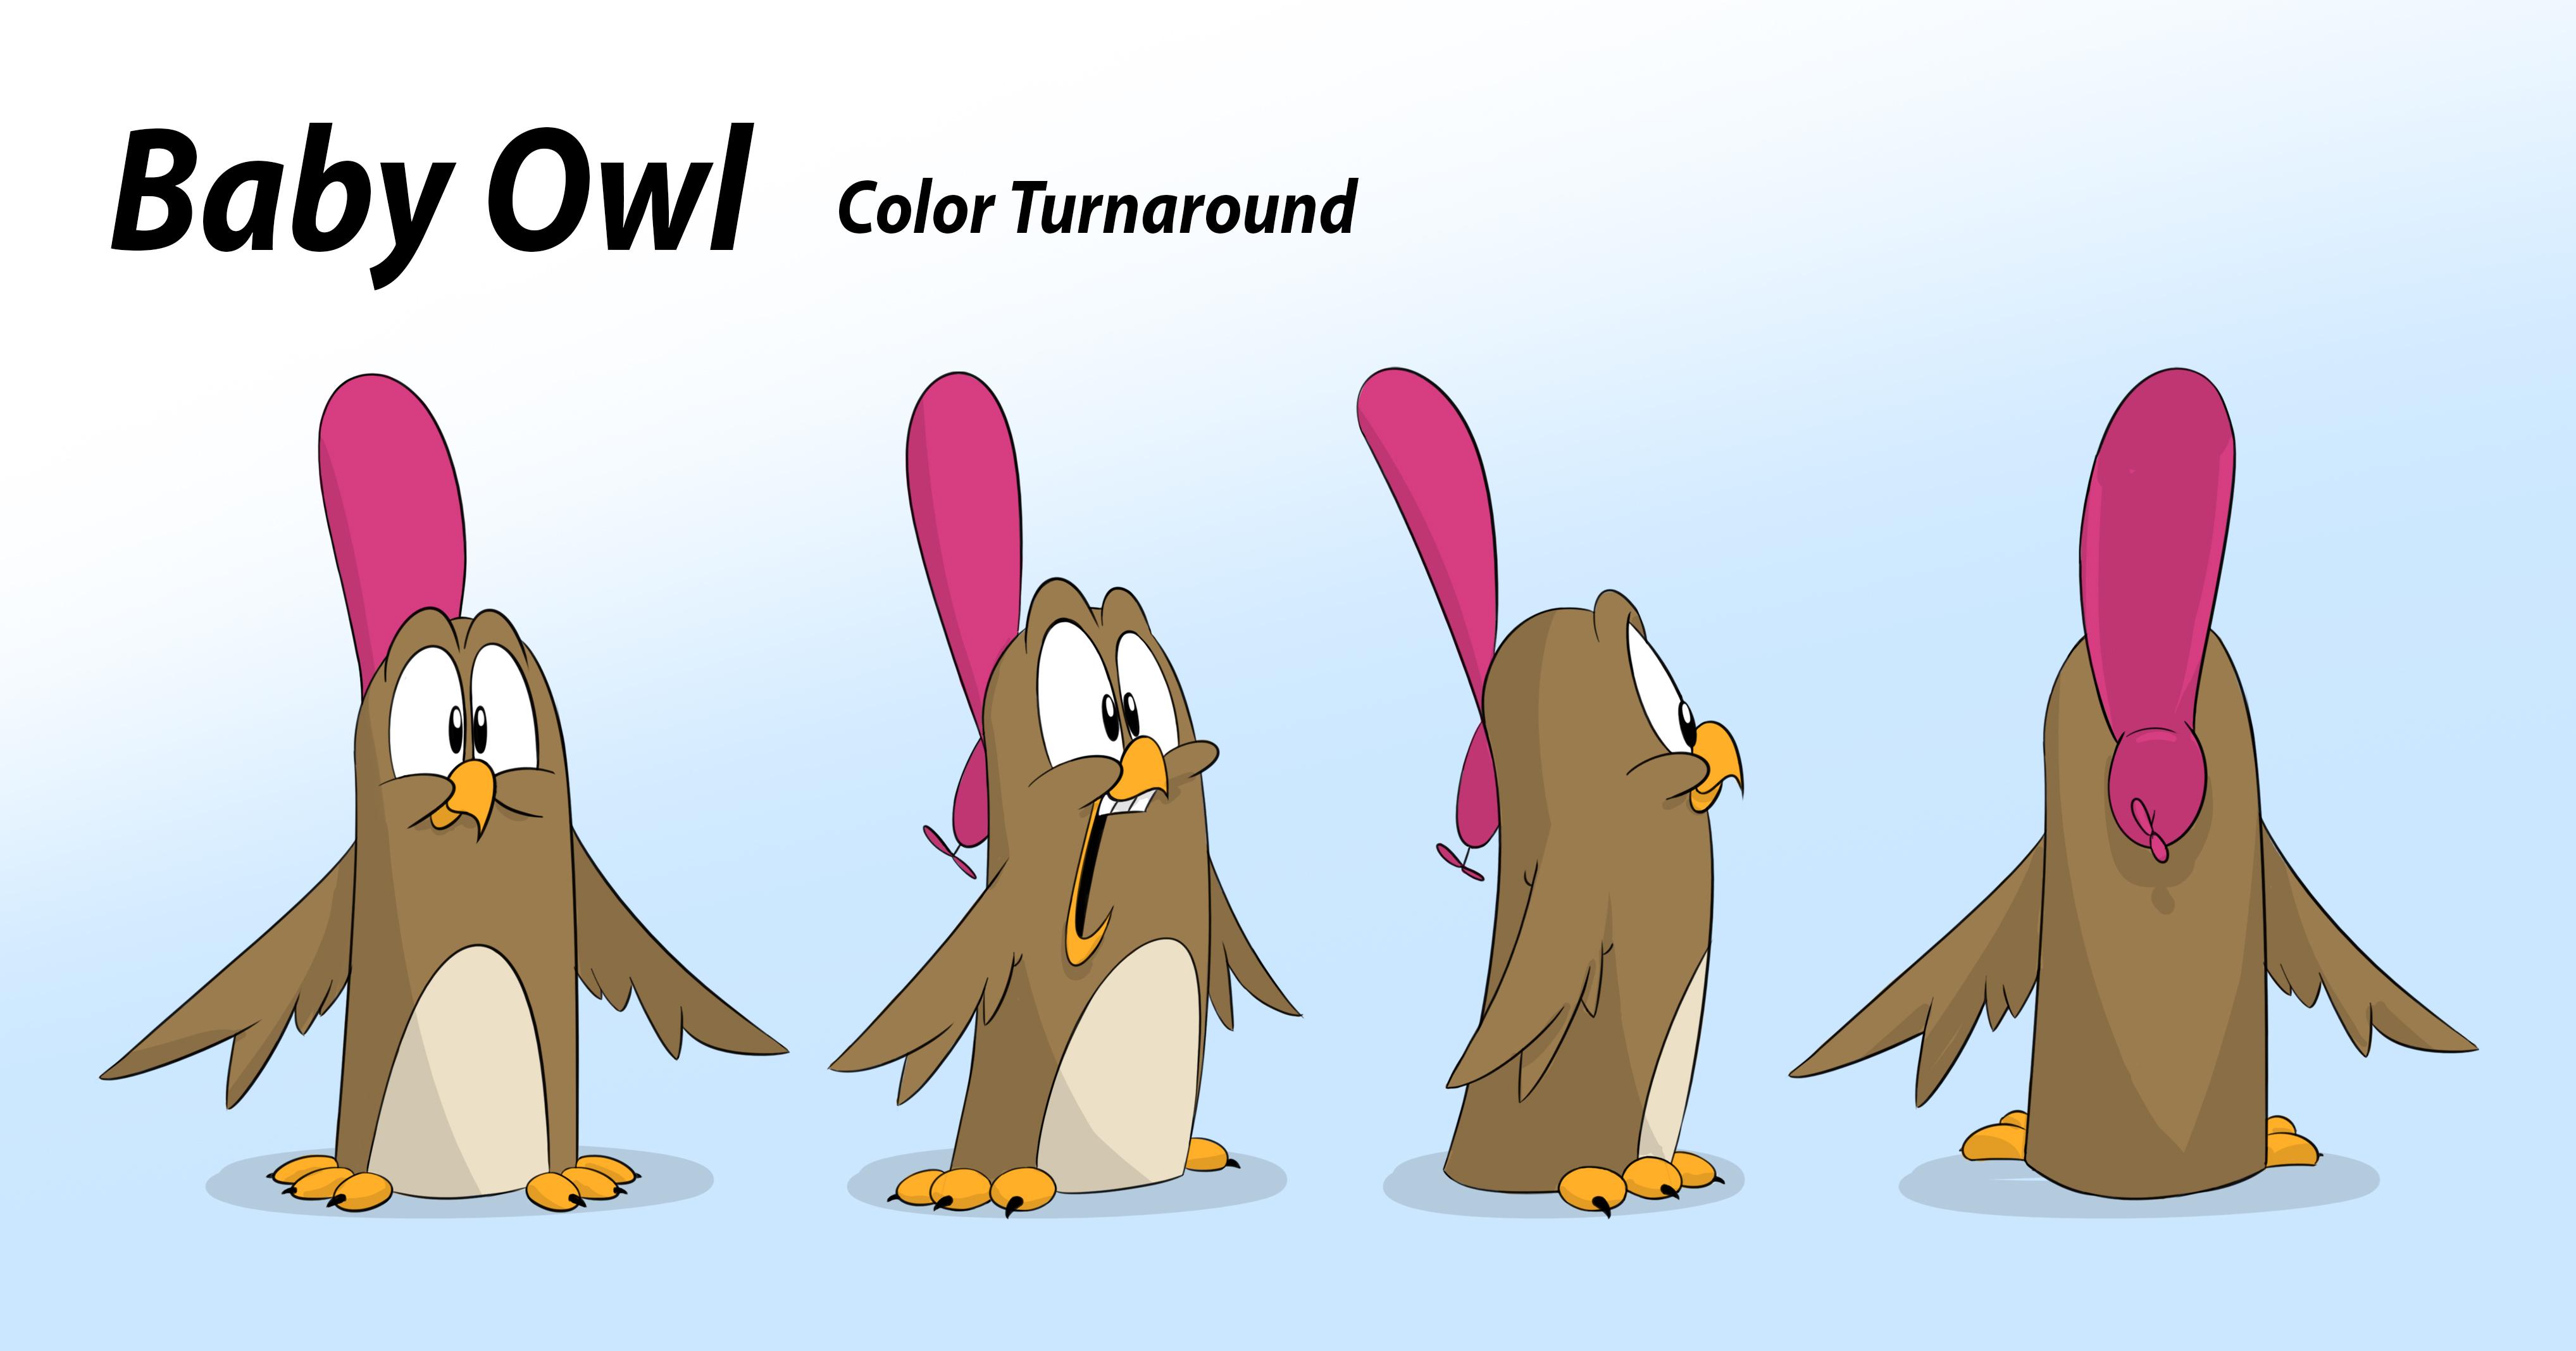 BabyOwl_ColorTurnaround